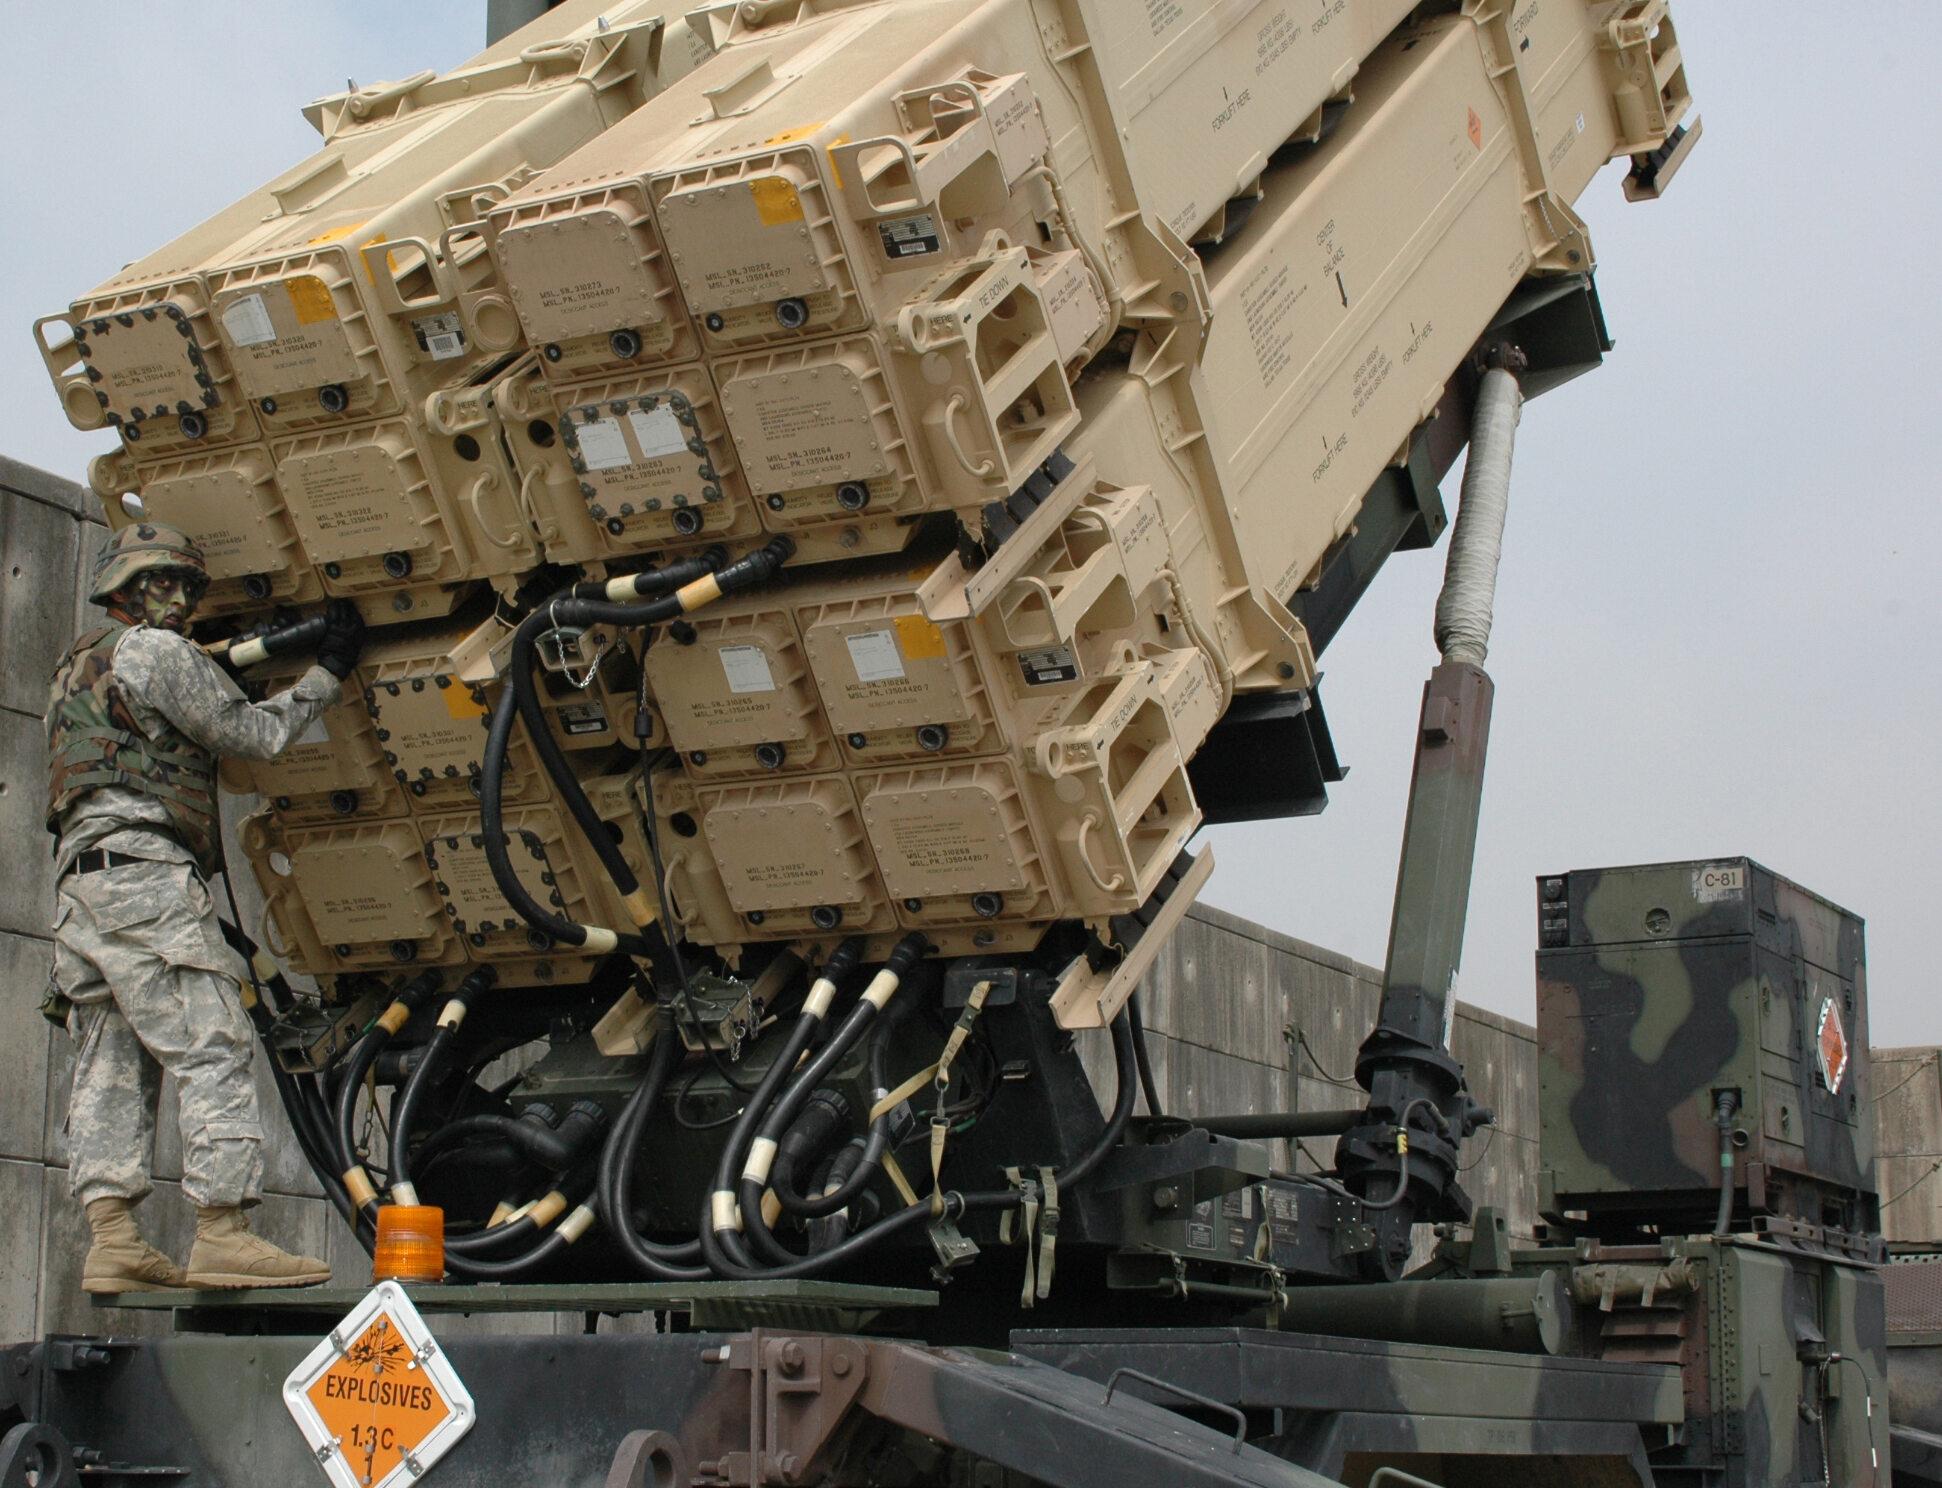 PAC-3 (Patriot Advanced Capability 3), jeden z wariantów systemu rakietowego Patriot